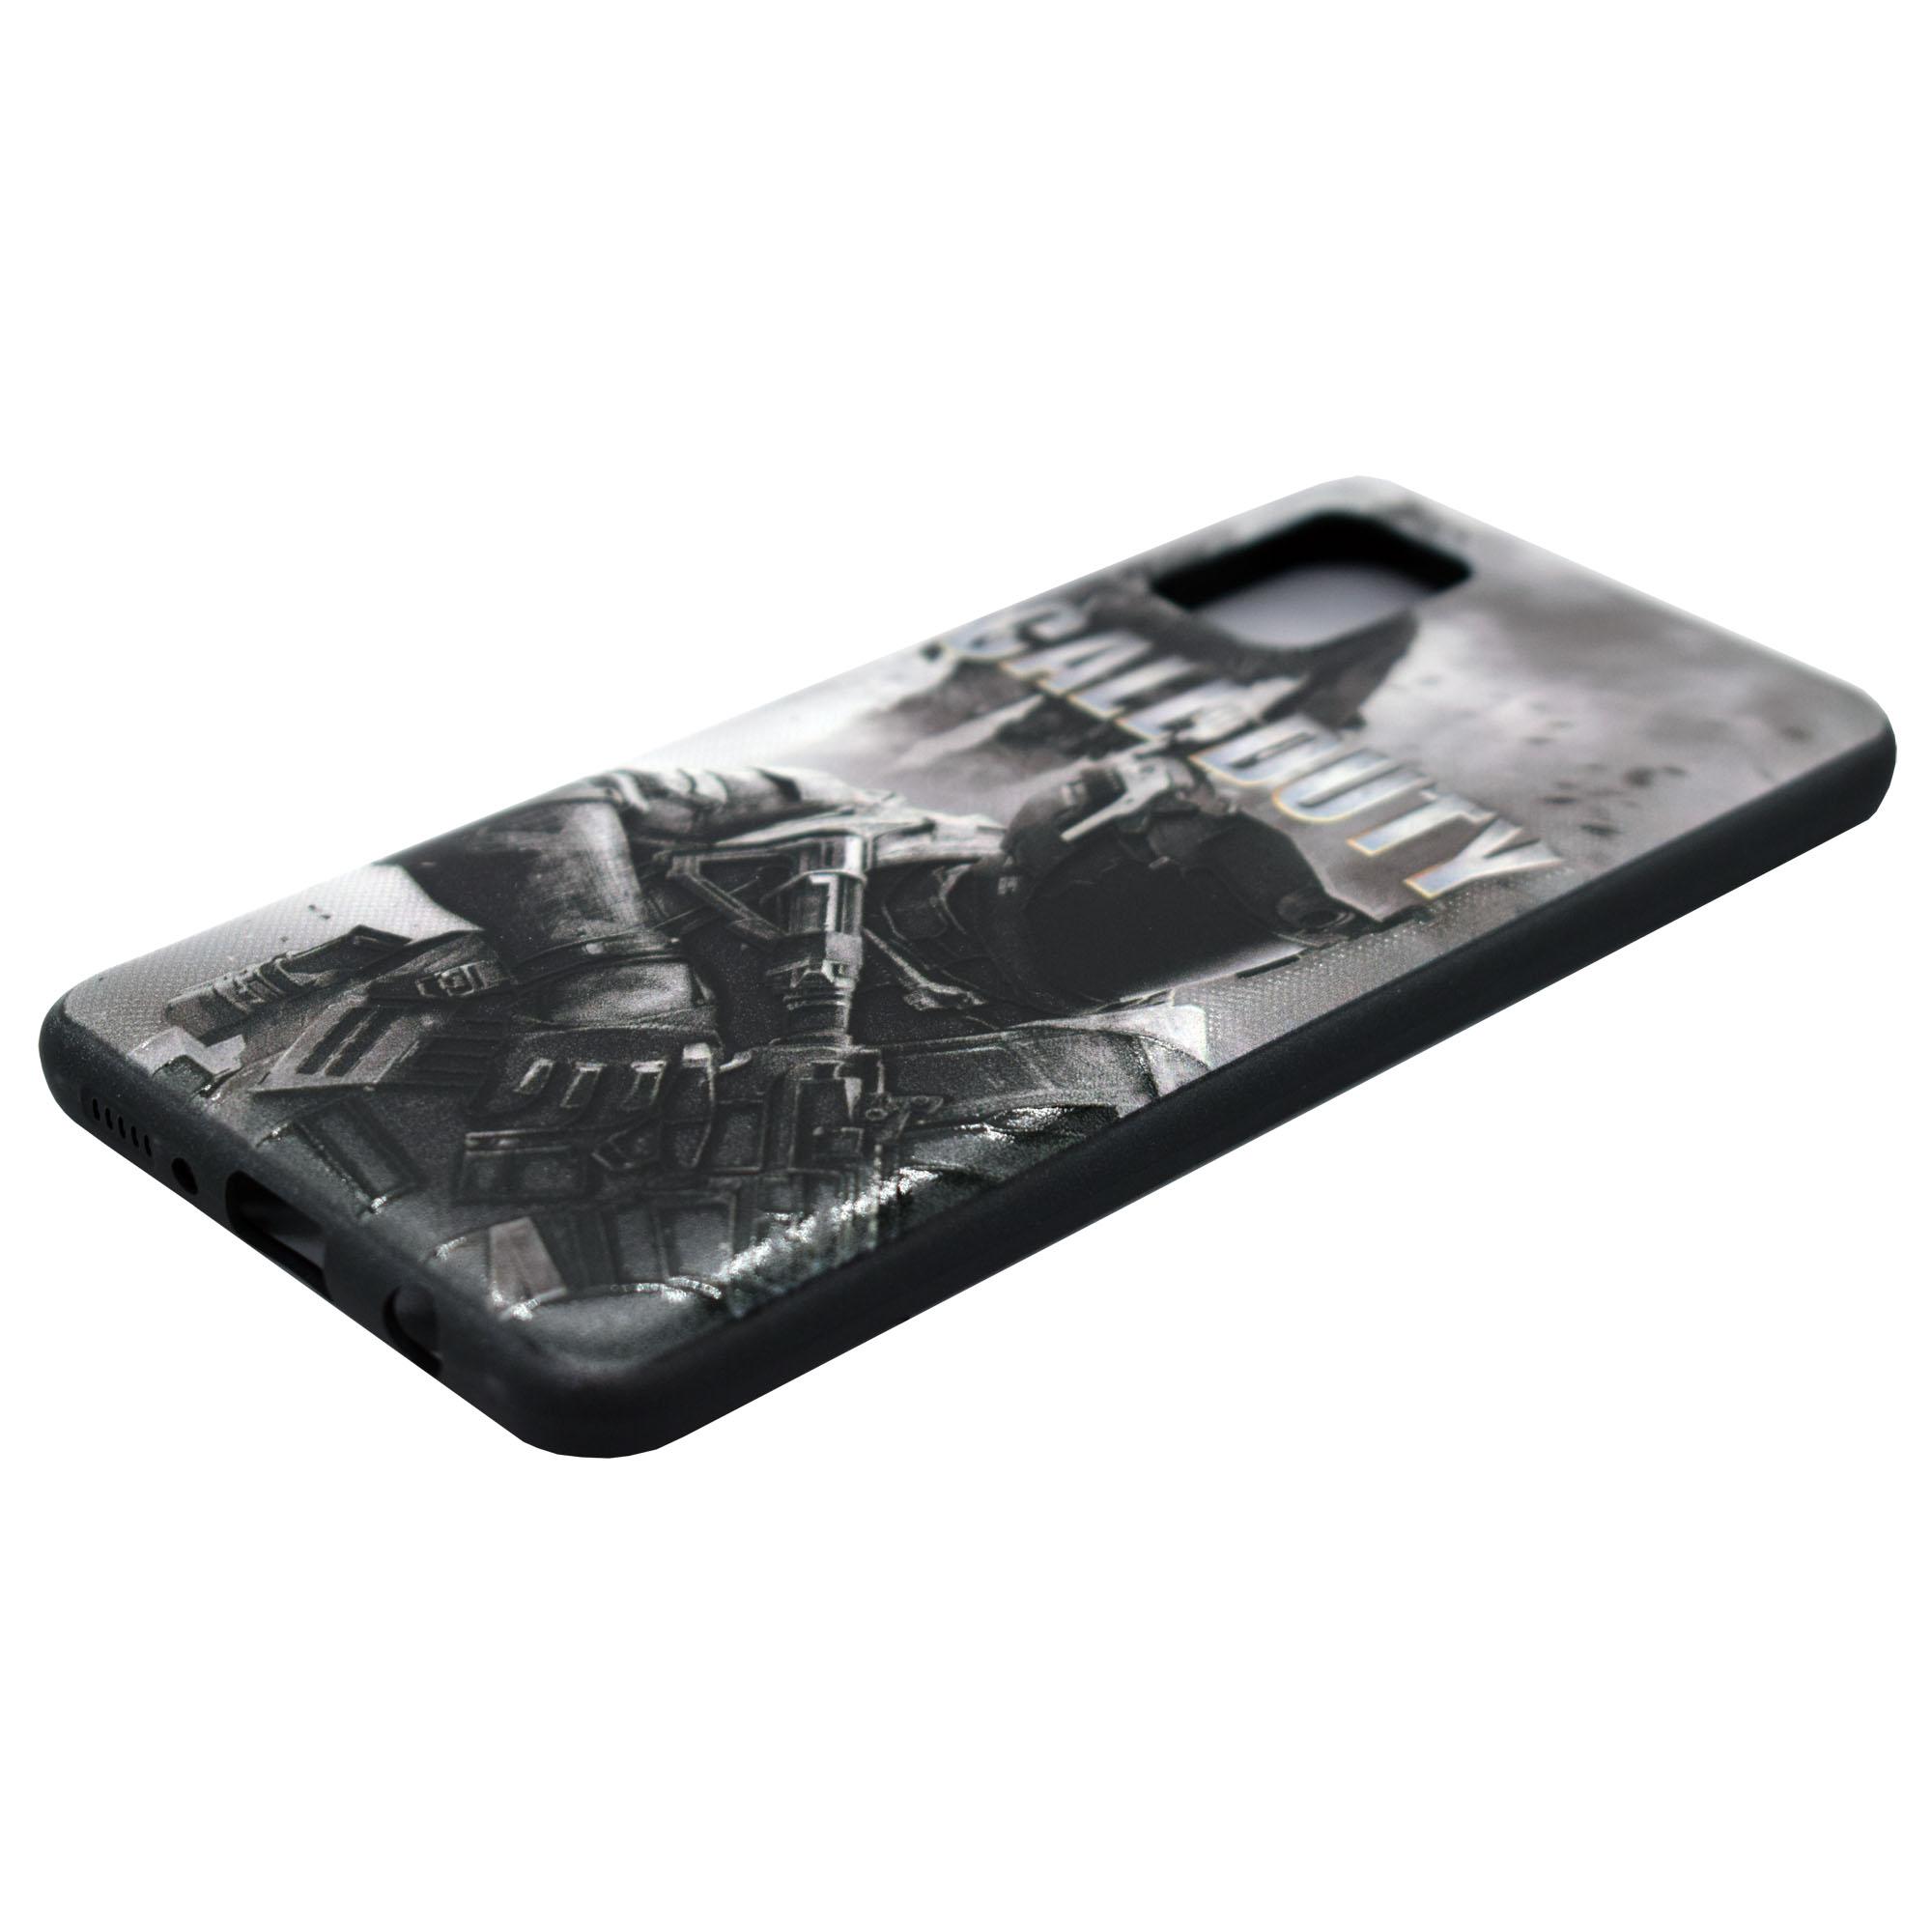 کاور مدل F5 مناسب برای گوشی موبایل سامسونگ Galaxy A31 thumb 2 1